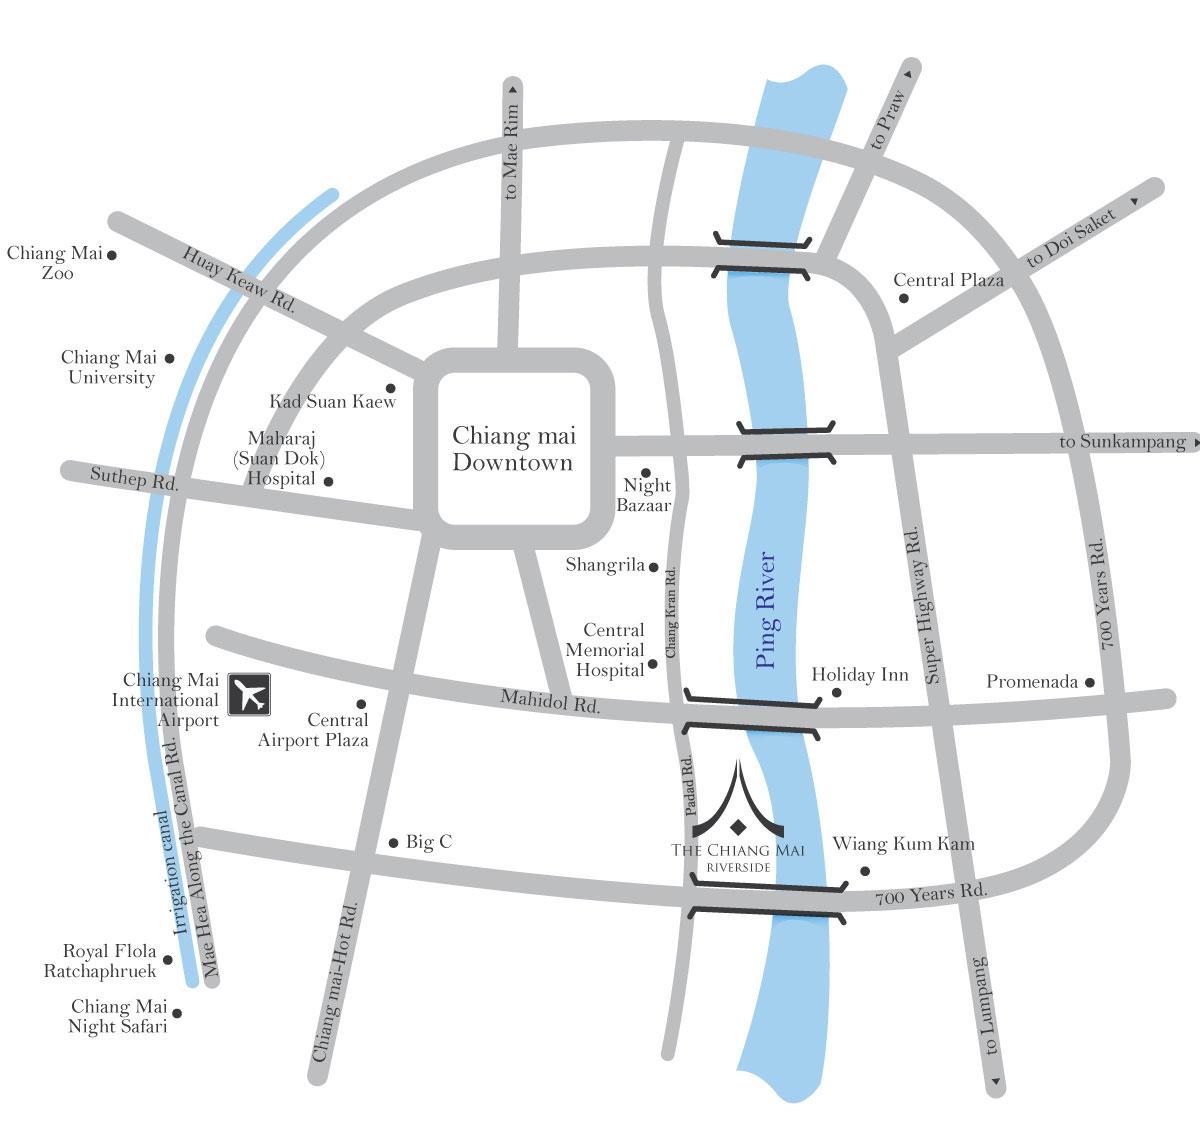 map-the-chiang-mai-riverside-hotel - The Chiangmai Riverside on